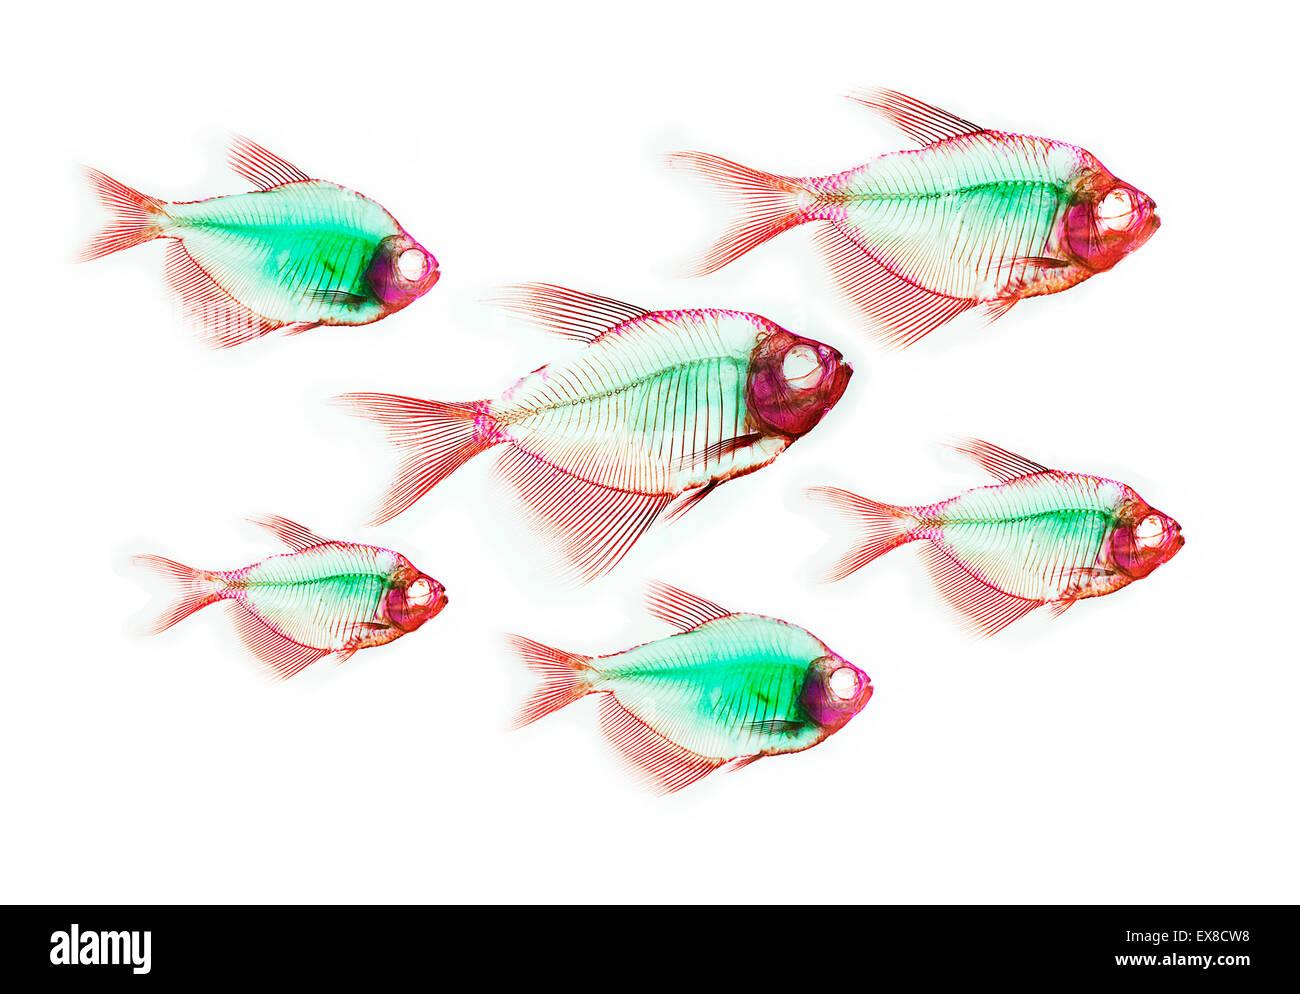 Anatomía del esqueleto de pescado Foto & Imagen De Stock: 85008260 ...